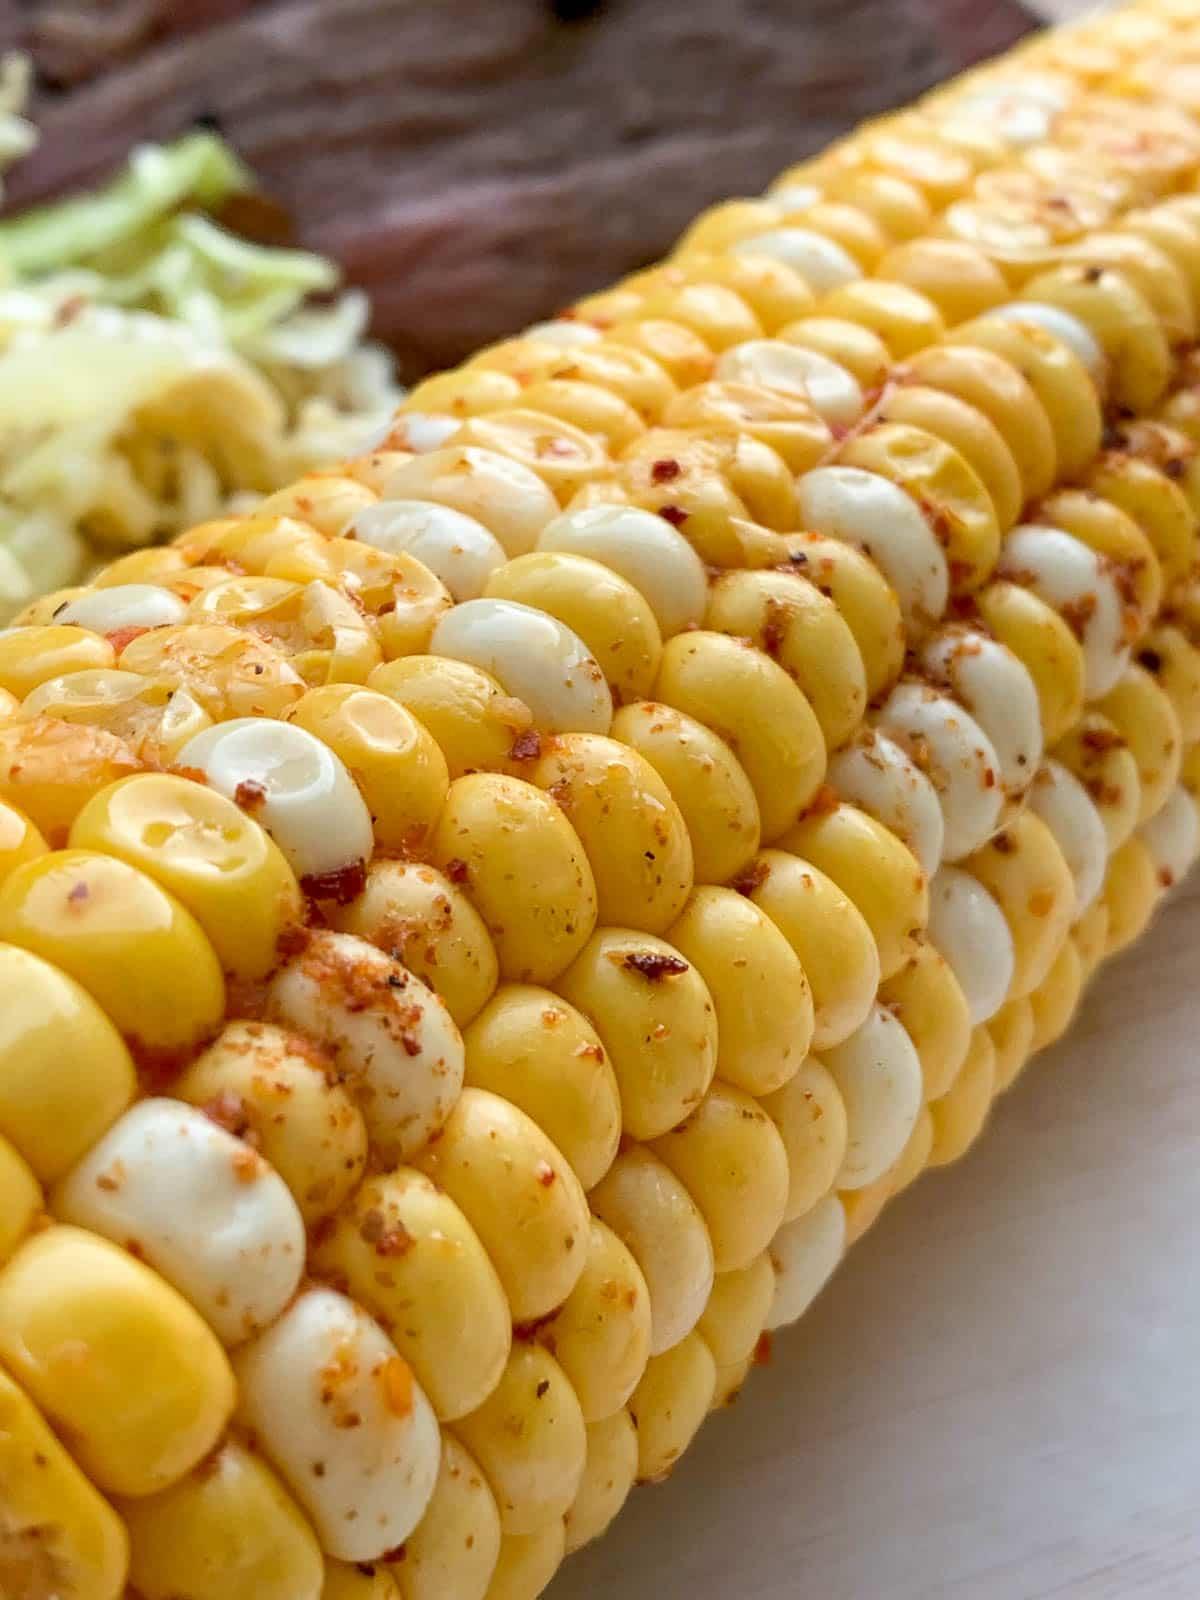 grilled corn on the cob with tajin